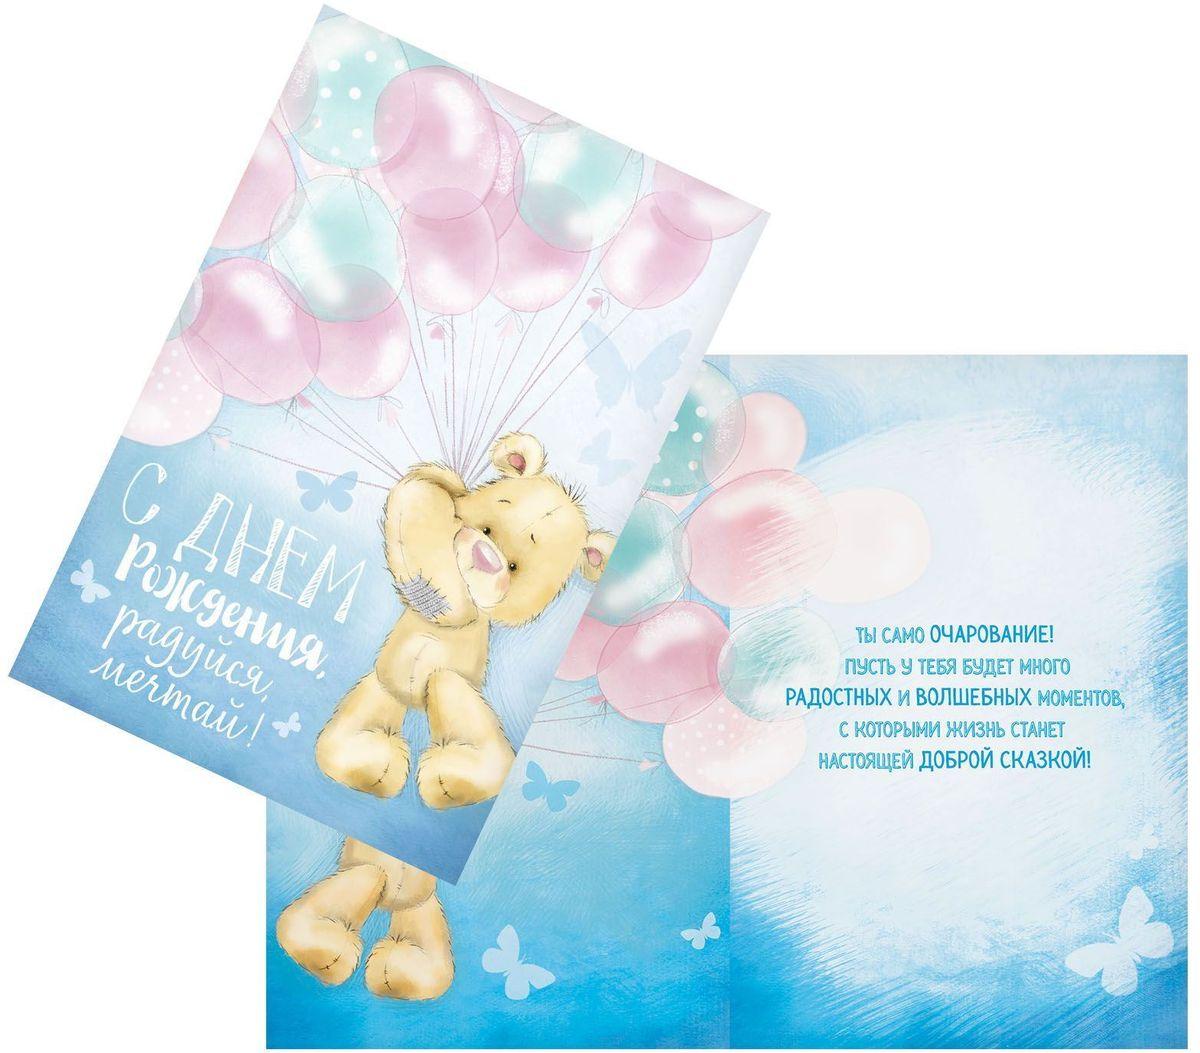 Открытка Дарите cчастье Радуйся мечтам, 12 х 18 см1600576Атмосферу праздника создают детали: свечи, цветы, бокалы, воздушные шары и поздравительные открытки — яркие и весёлые, романтичные и нежные, милые и трогательные. Расскажите о своих чувствах дорогому для вас человеку, поделитесь радостью с близкими и друзьями. Открытка с креативным дизайном вам в этом поможет.